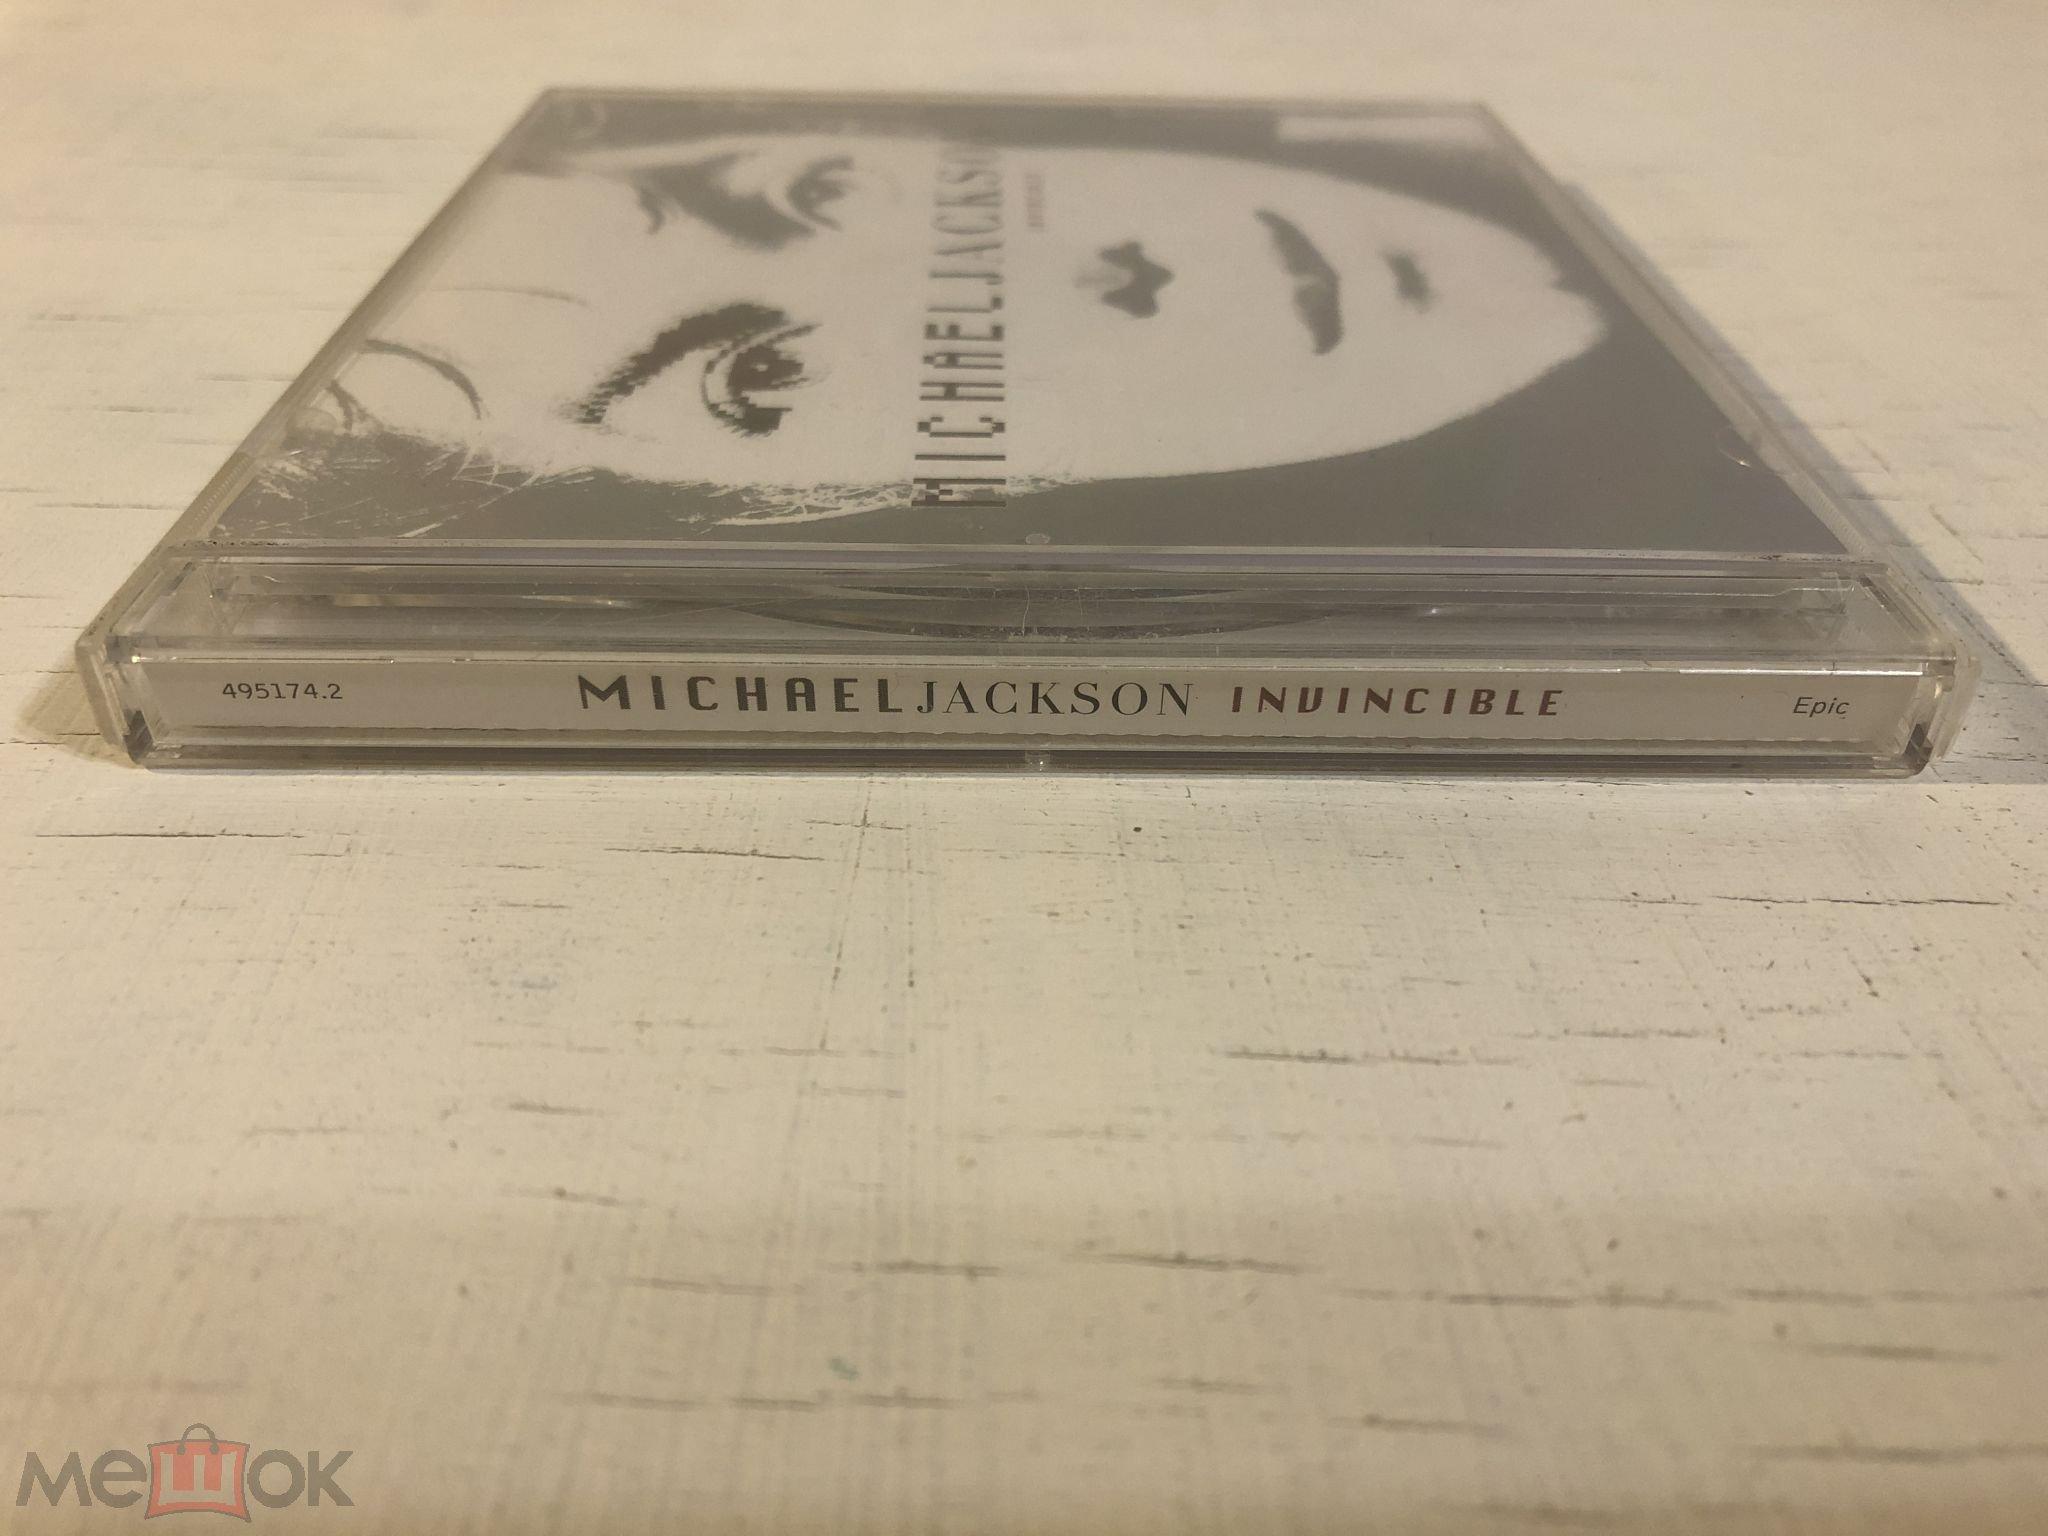 CD MICHAEL JACKSON - Invincible (2001) EU (495174.2) Hip Hop, Pop